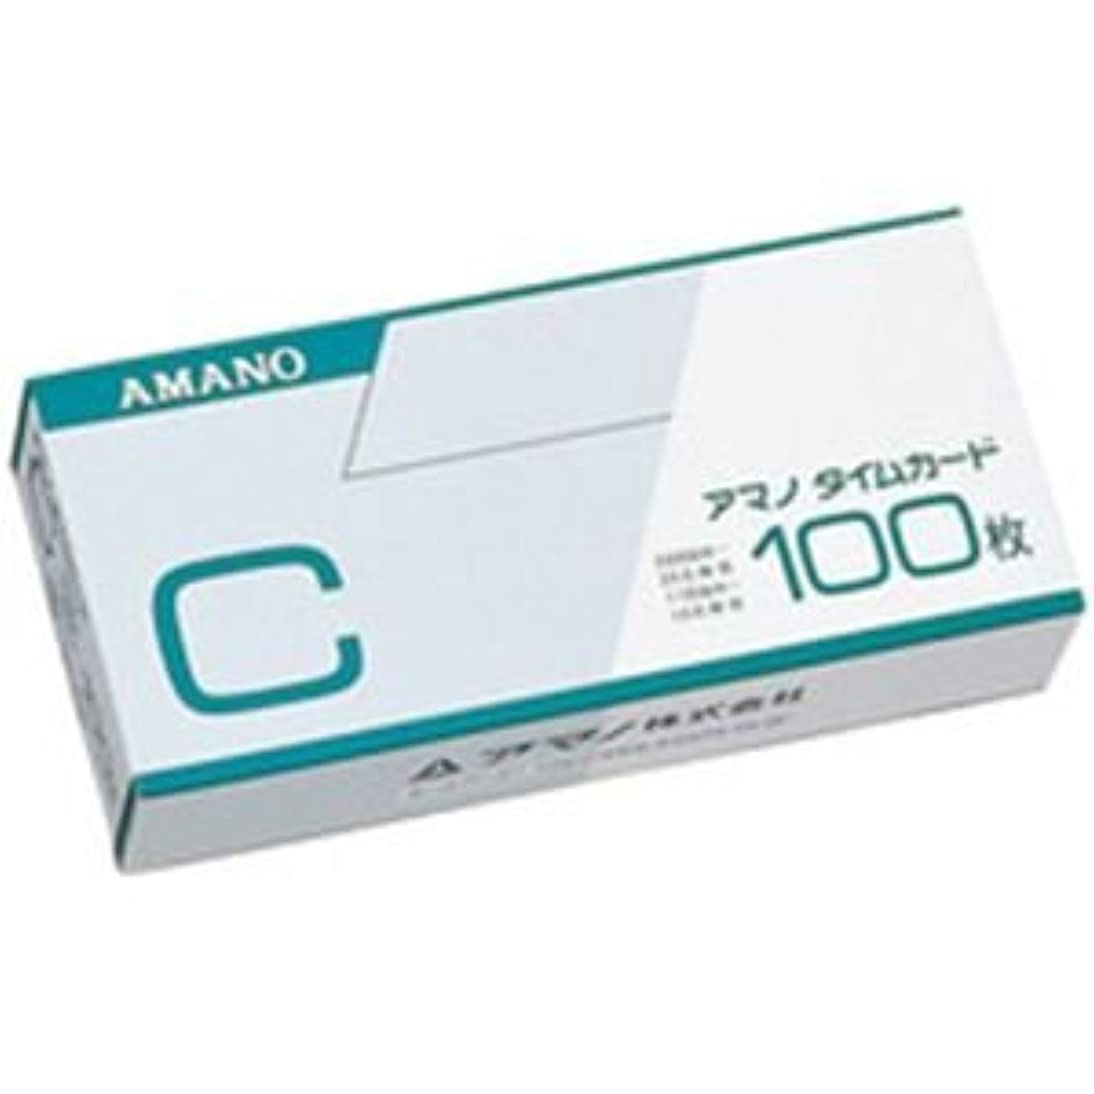 慰めバンク約(まとめ)アマノ 標準タイムカード Cカード(25日締/10日締) 100枚X3 ds-1260227